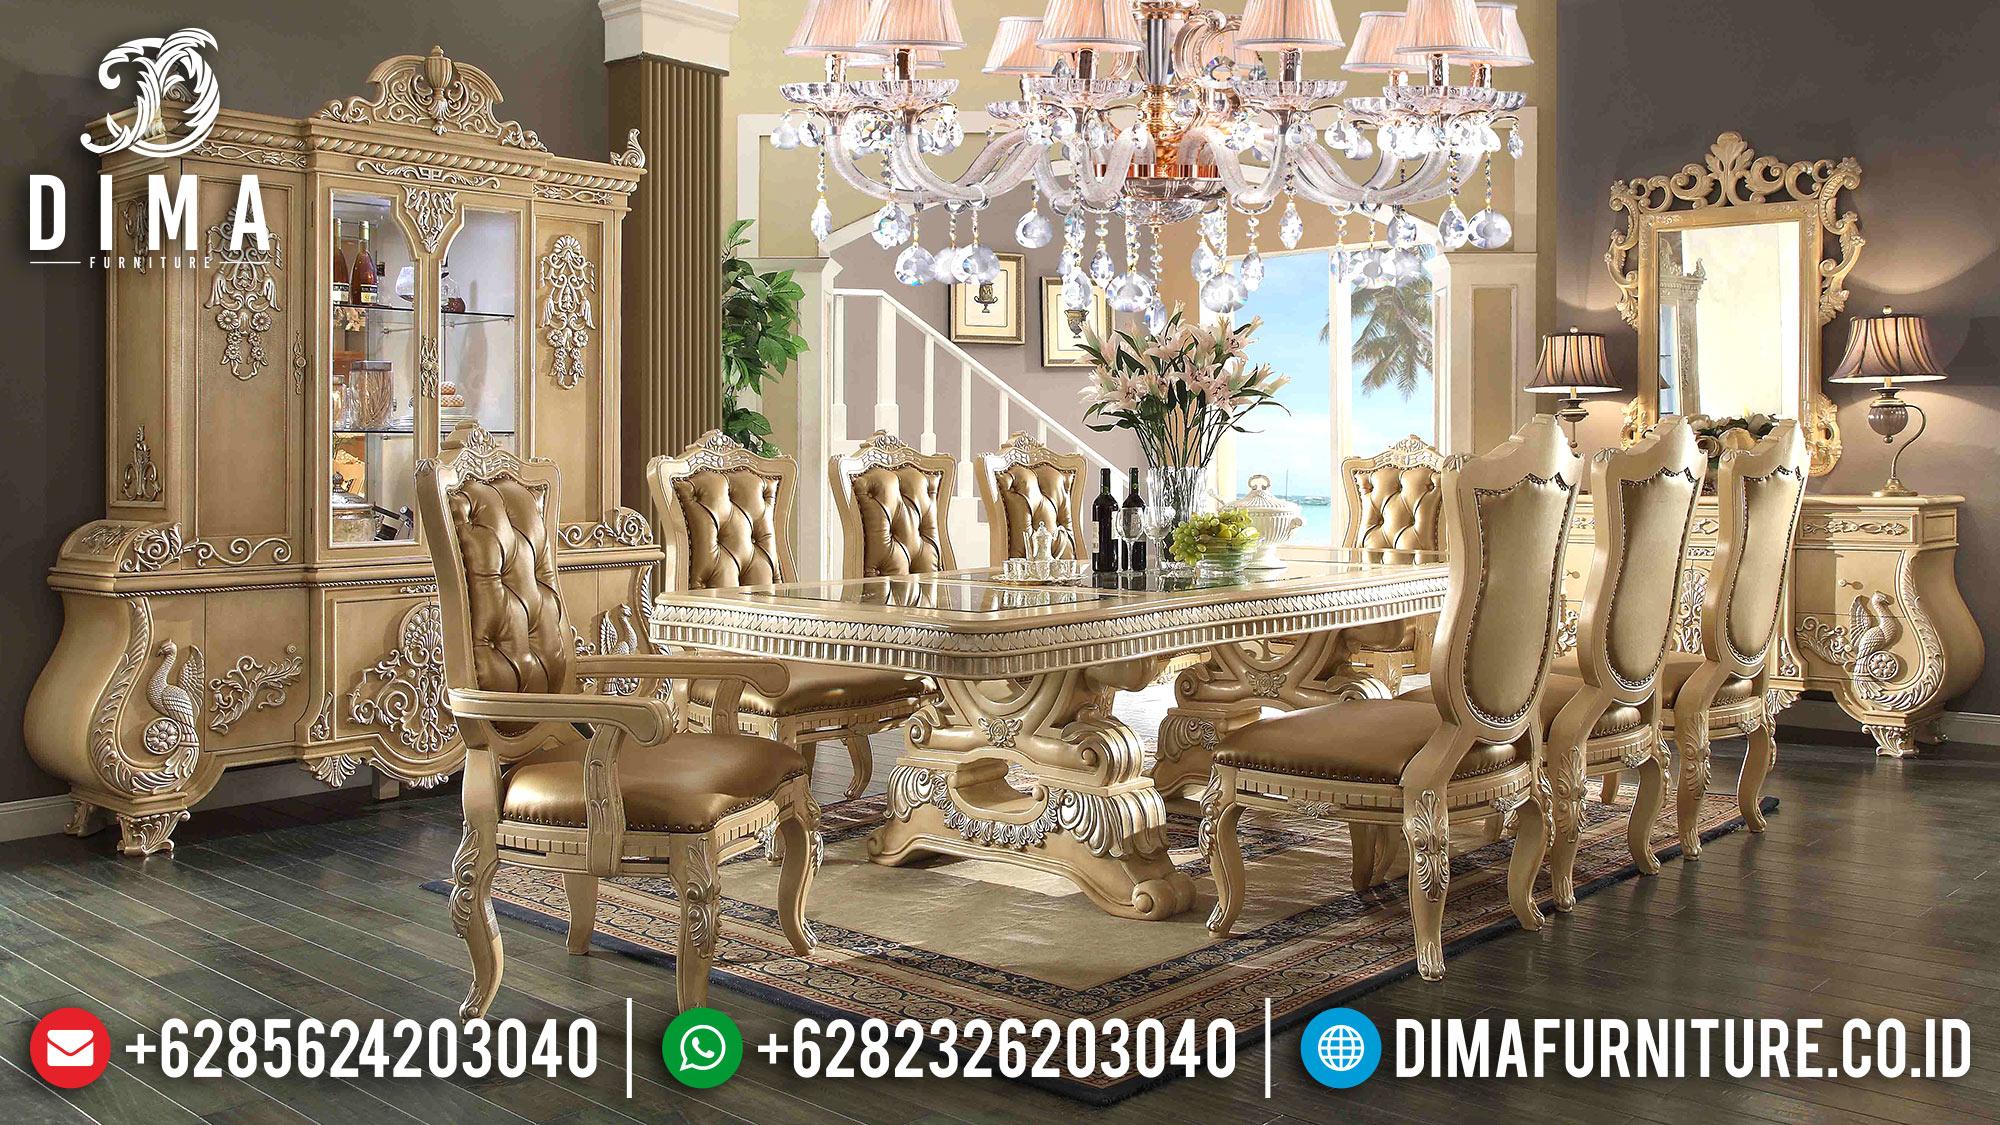 Meja Makan Mewah Jepara Ukiran Klasik Terbaru Eropa Cat Duco Ivory ST-0520